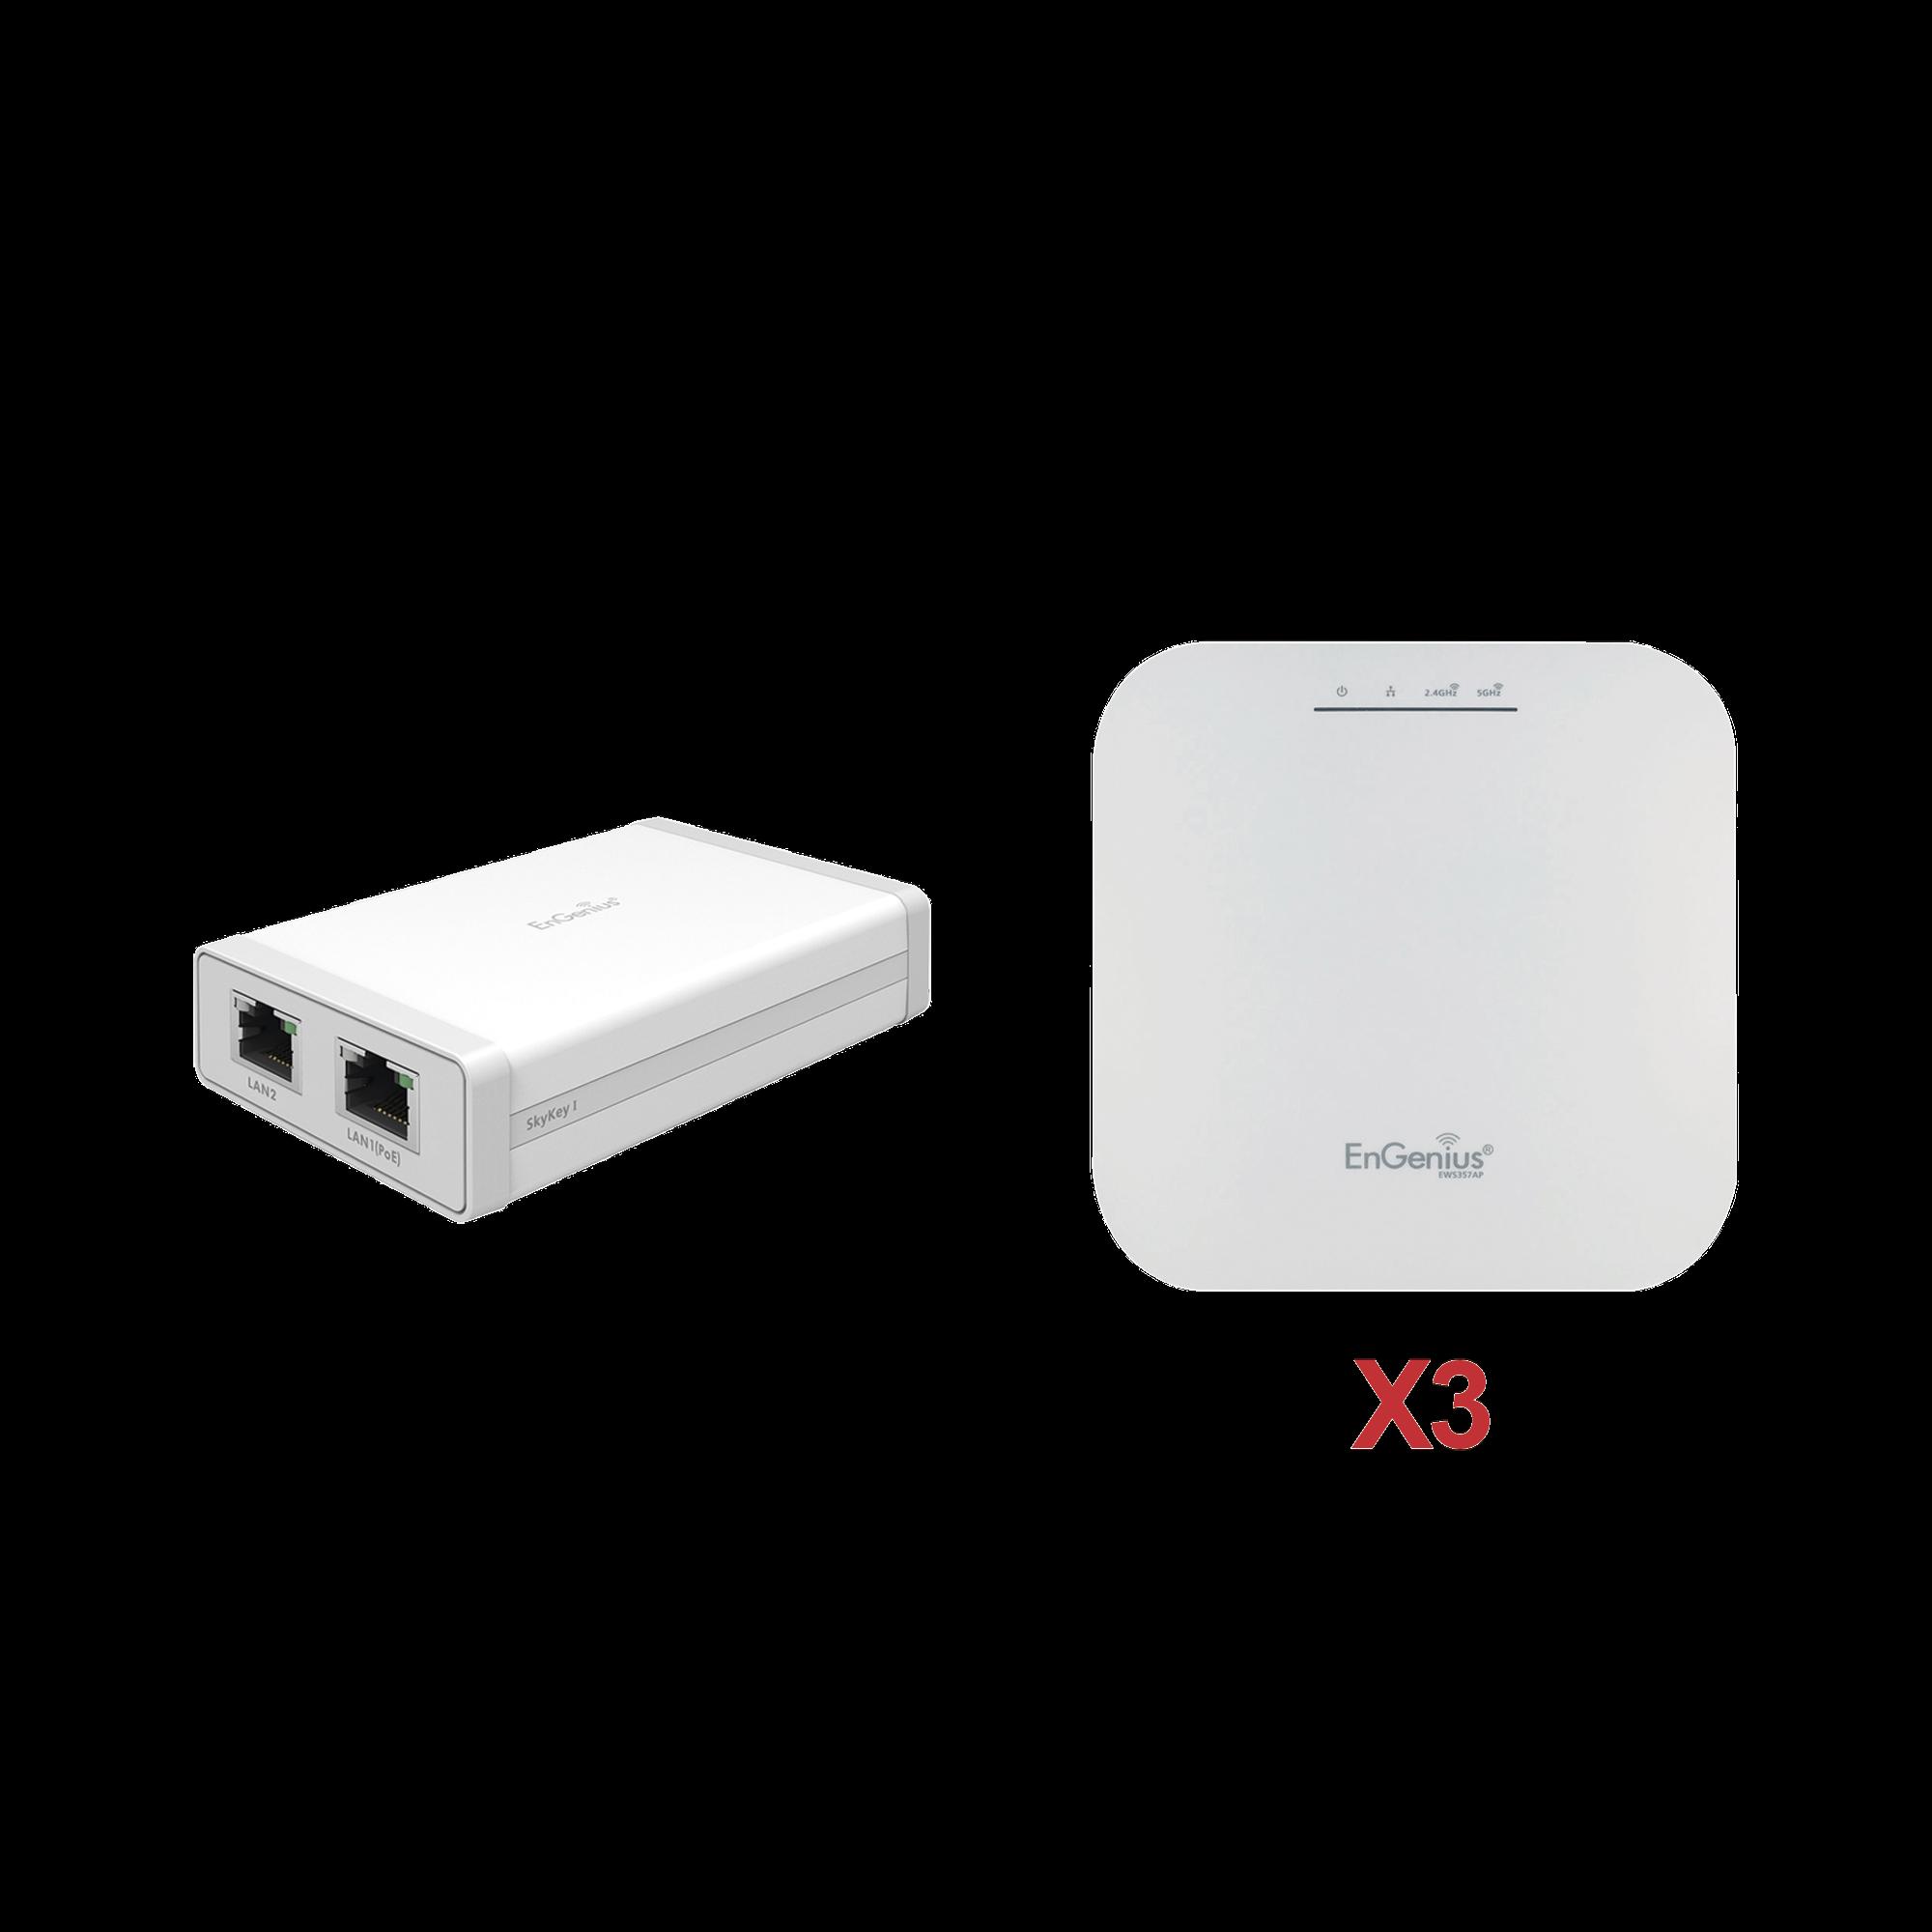 Paquete de 3 Puntos de Acceso Wi-Fi 6 EWS357AP  + 1 Controlador SKYKEY-1 ?Sin Costo?para la Gestión Local o Remota de  Hasta 100 Puntos de Acceso EnGenius